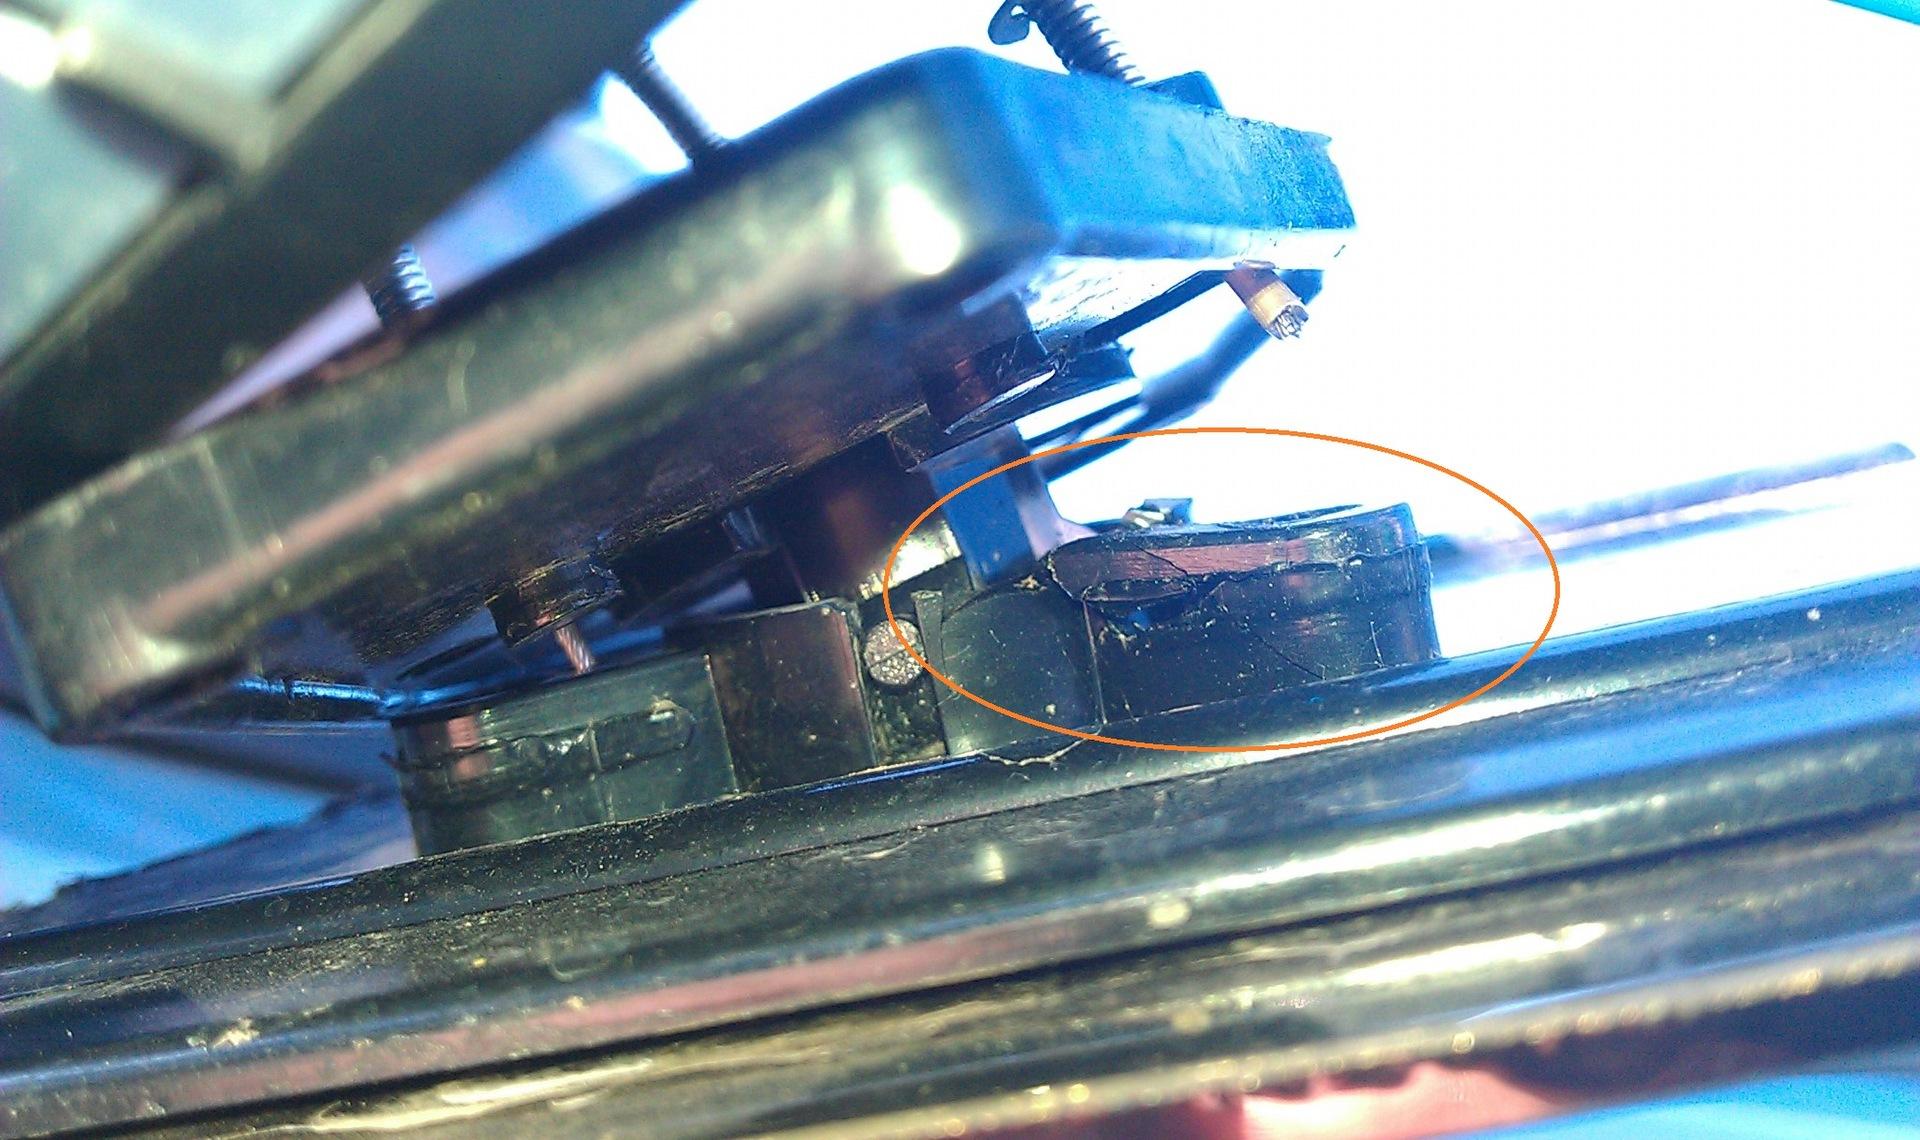 схема подключения нл-15убо с электроприводом